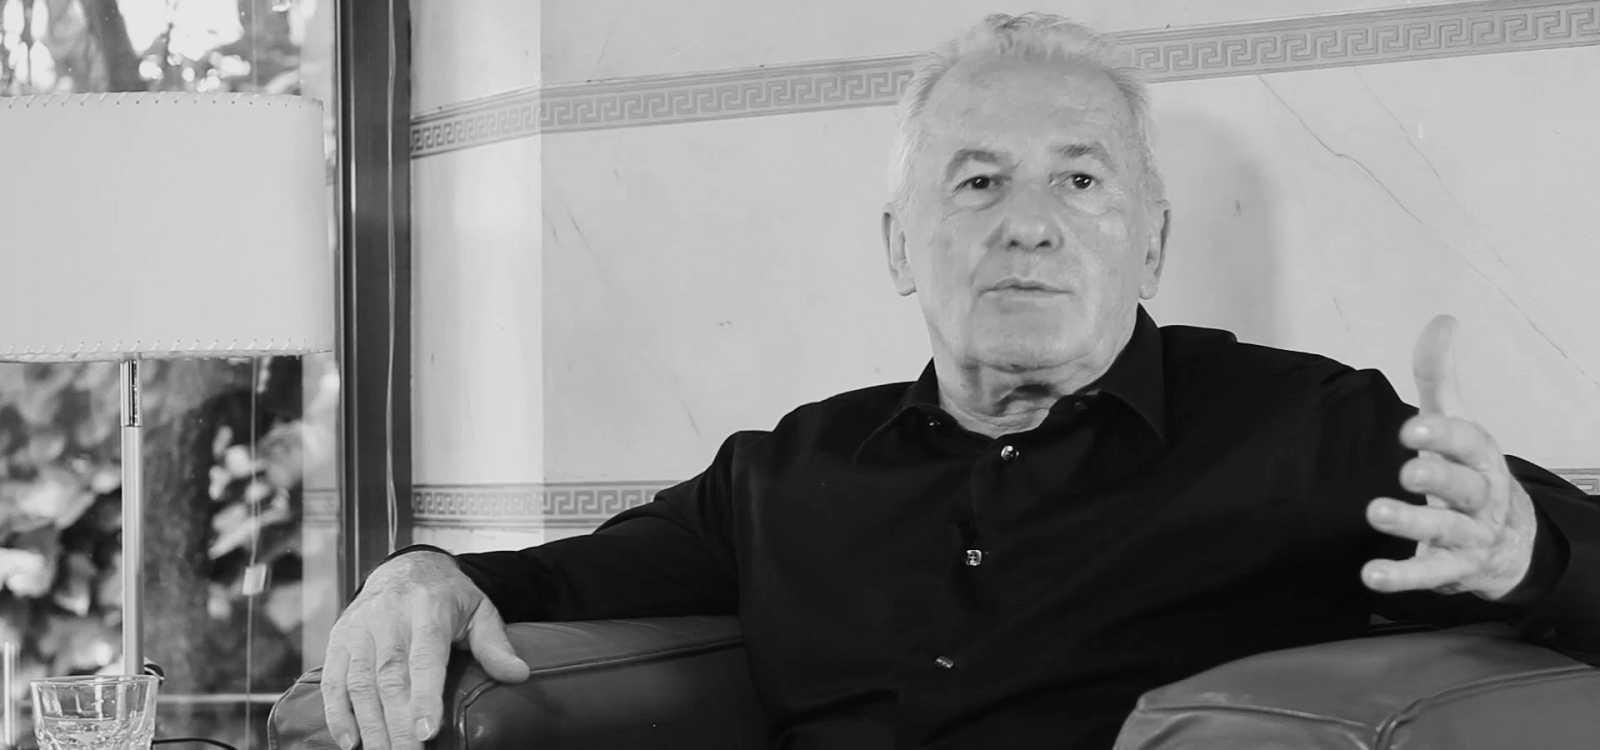 Víctor Manuel hablará de su vida y su carrera